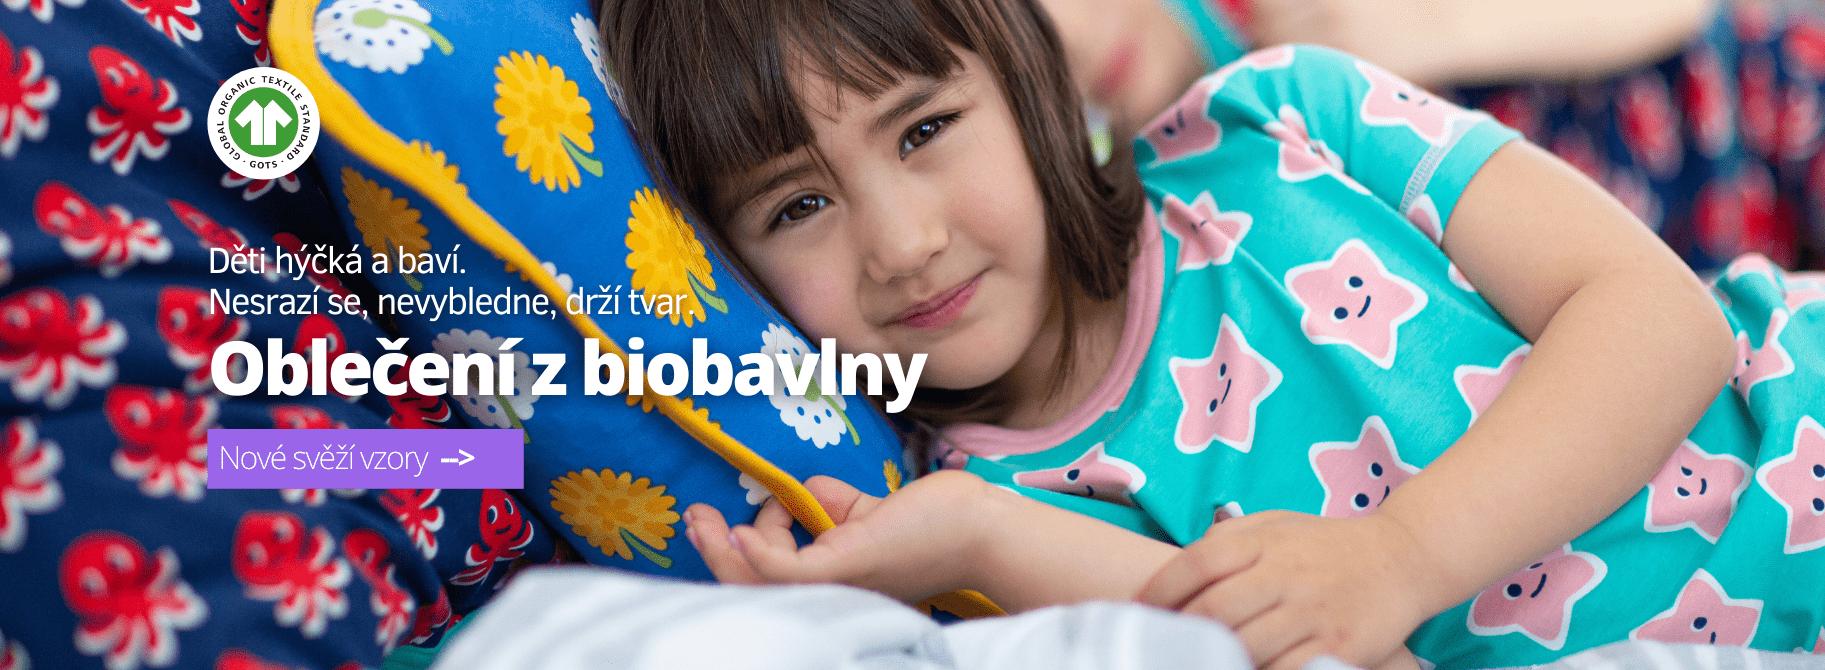 Dětské a kojenecké oblečení z biobavlny - jarní novinky